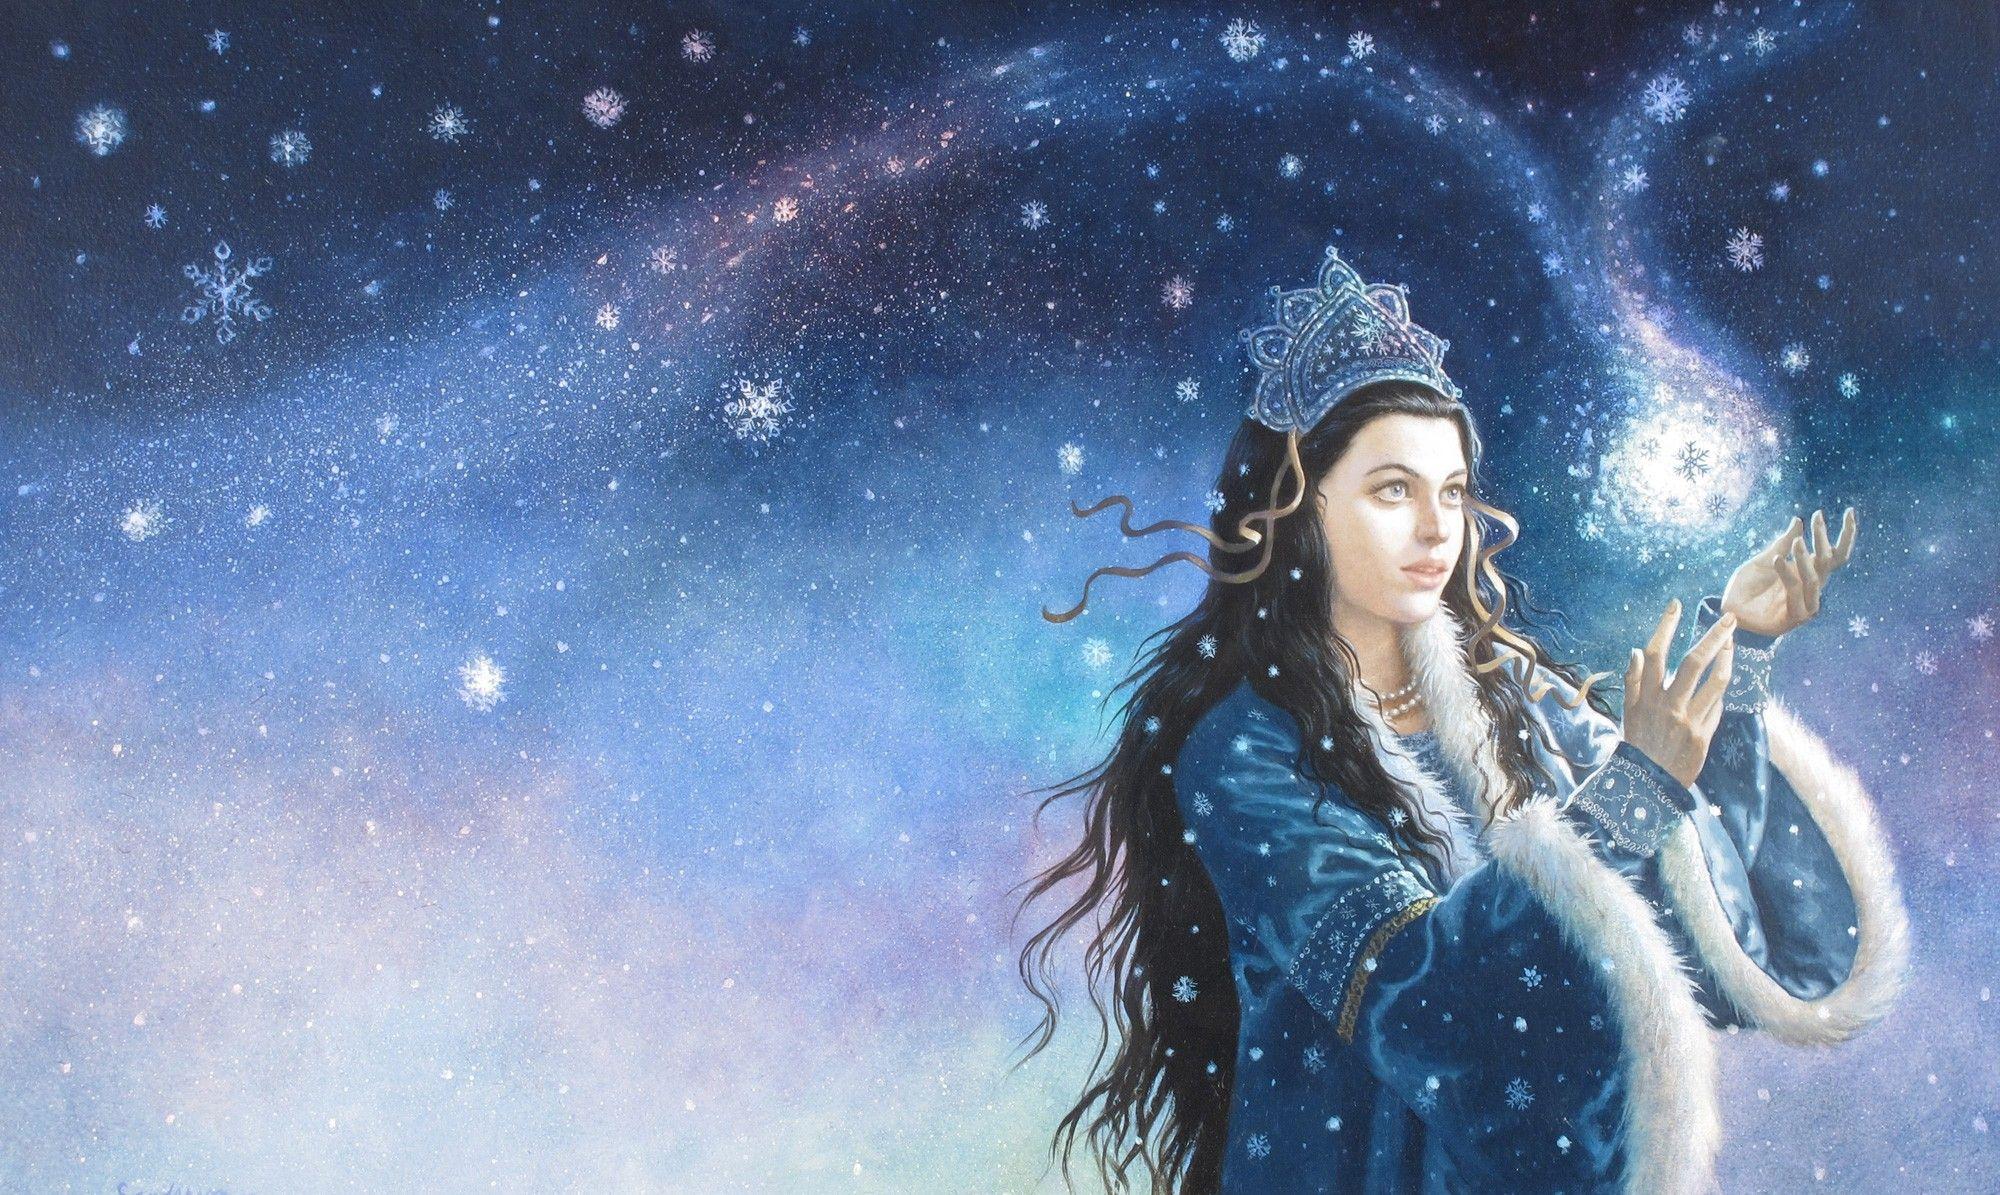 Картинки приколы, открытка волшебница зима